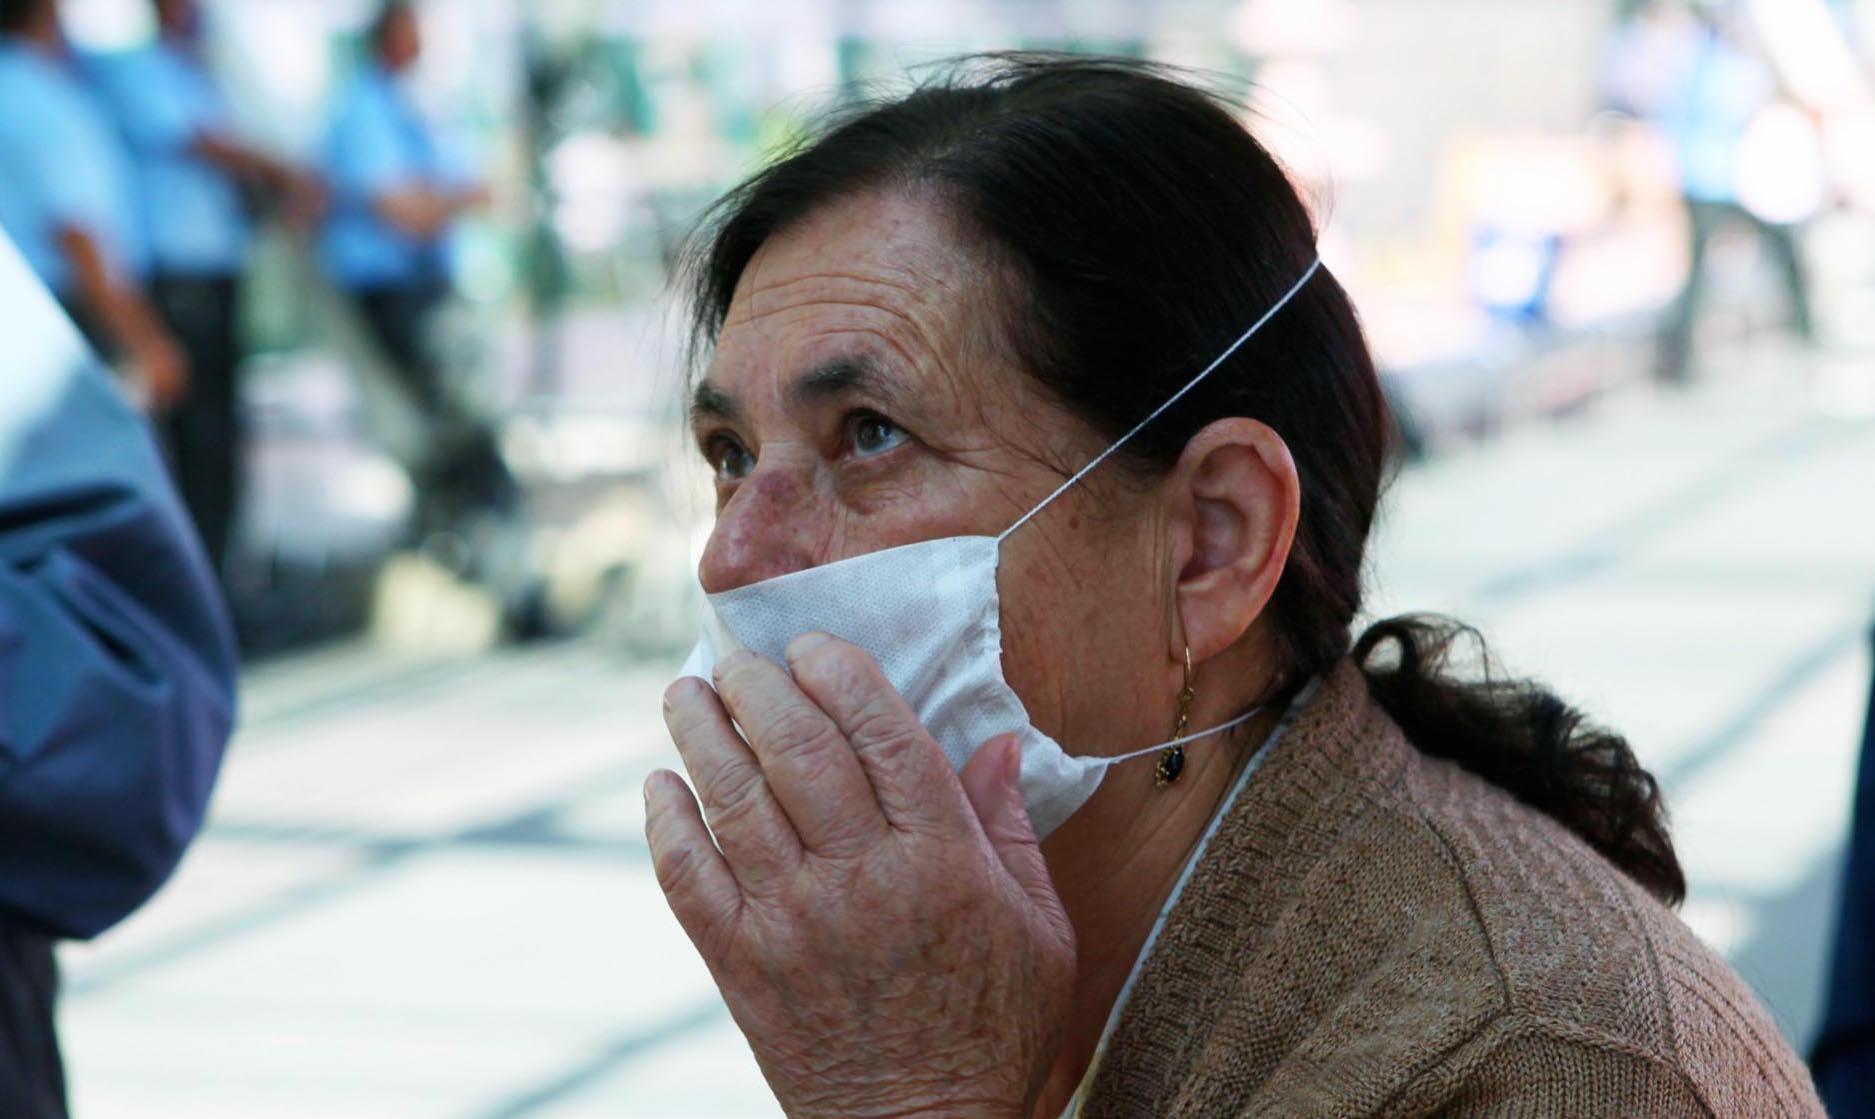 Entre el 25 de febrero y el 3 de marzo los casos de influenza se incrementaron 46.2% -de 2,818 a 4,121- mientras que el número de fallecimientos creció 52% en 9 días